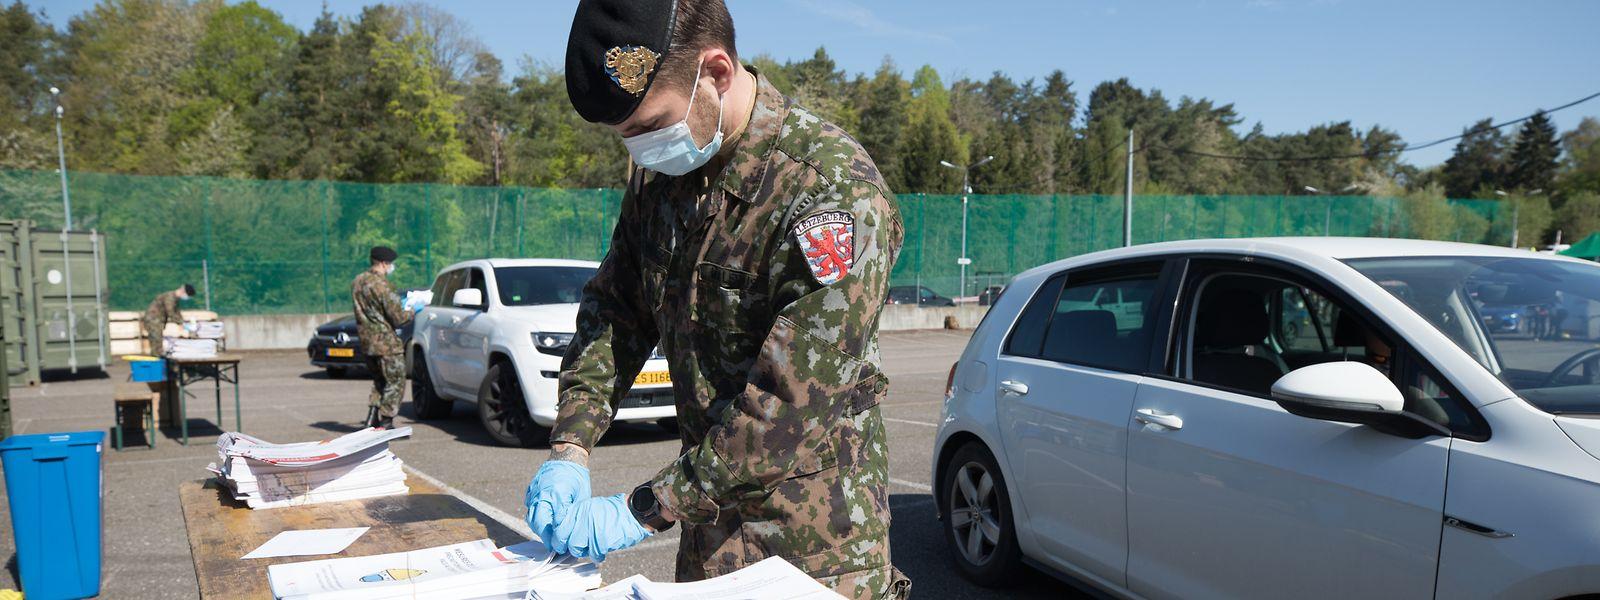 Plus de 200 soldats mais aussi des collaborateurs de POST distribuent des milliers de masques aux frontaliers chaque jour en douze lieux du pays.